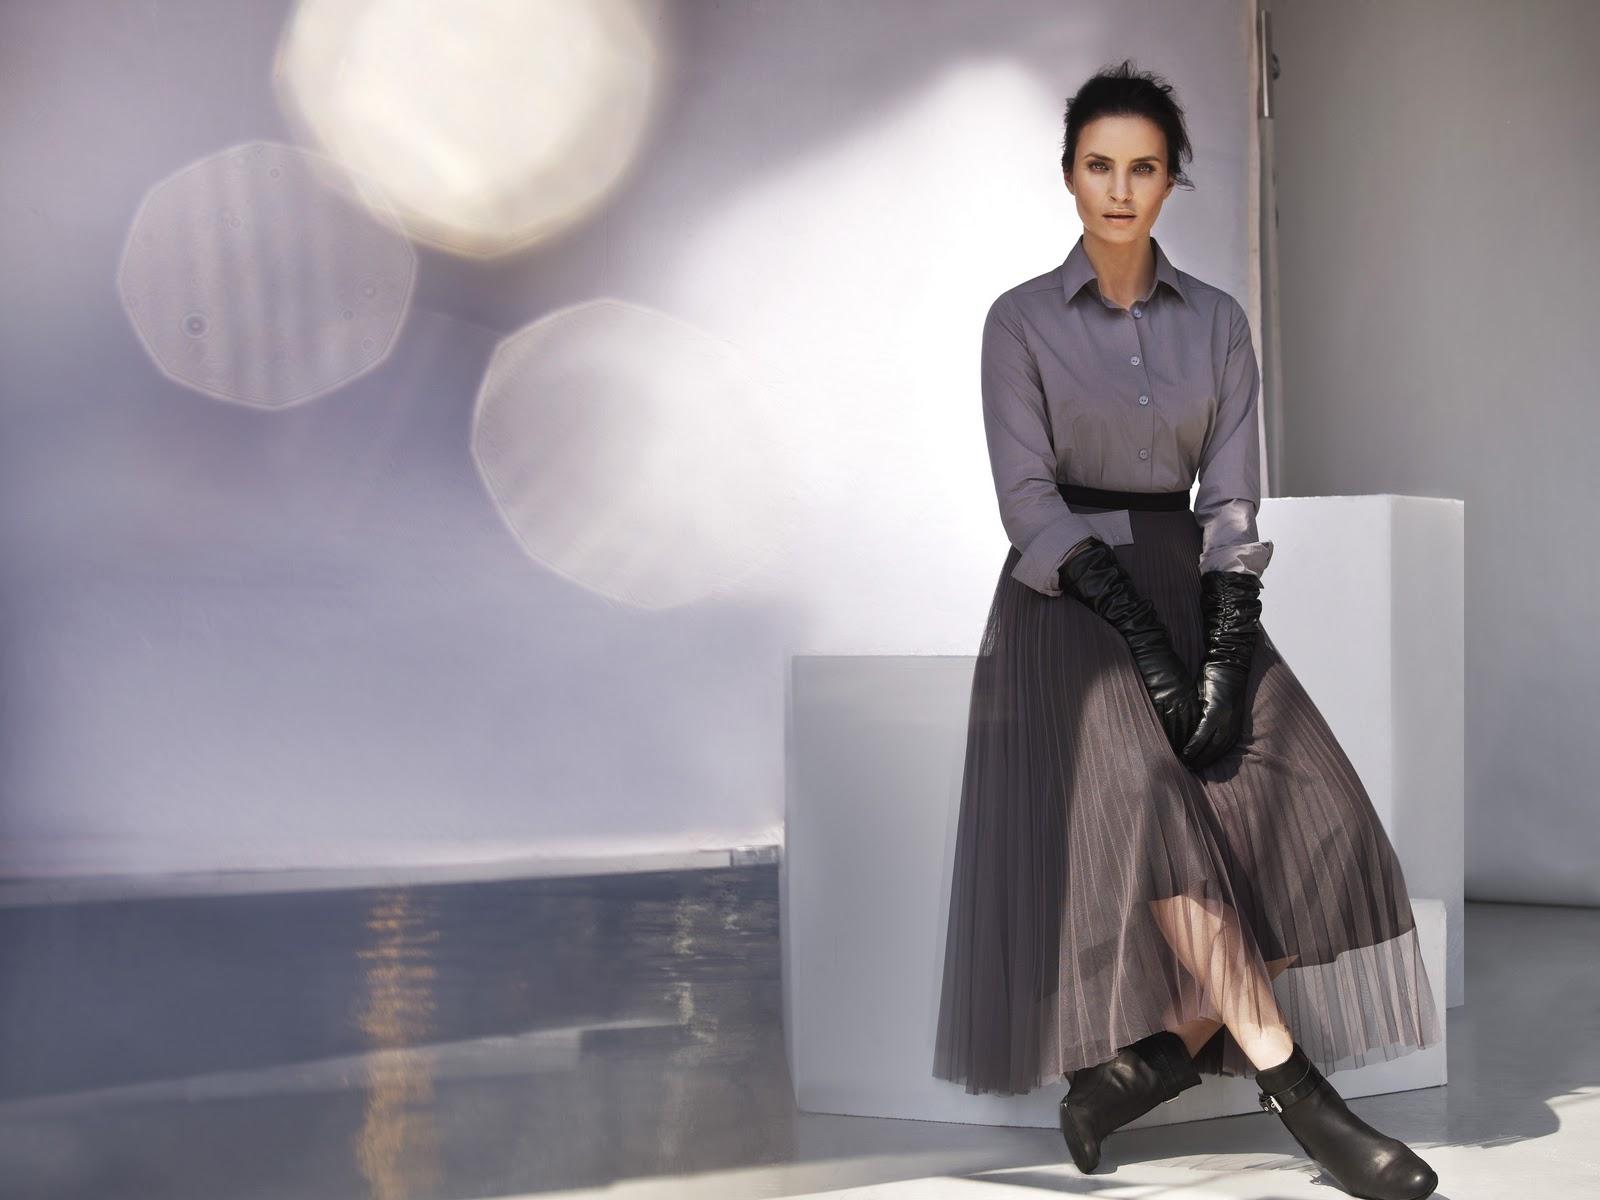 9320ae39ef3203 Czekam na wasze komentarze, a w międzyczasie polecam również zapoznać się z  kolekcją bodywear i joanna horodyńska dla gatta - świetne rozwiązania, ...